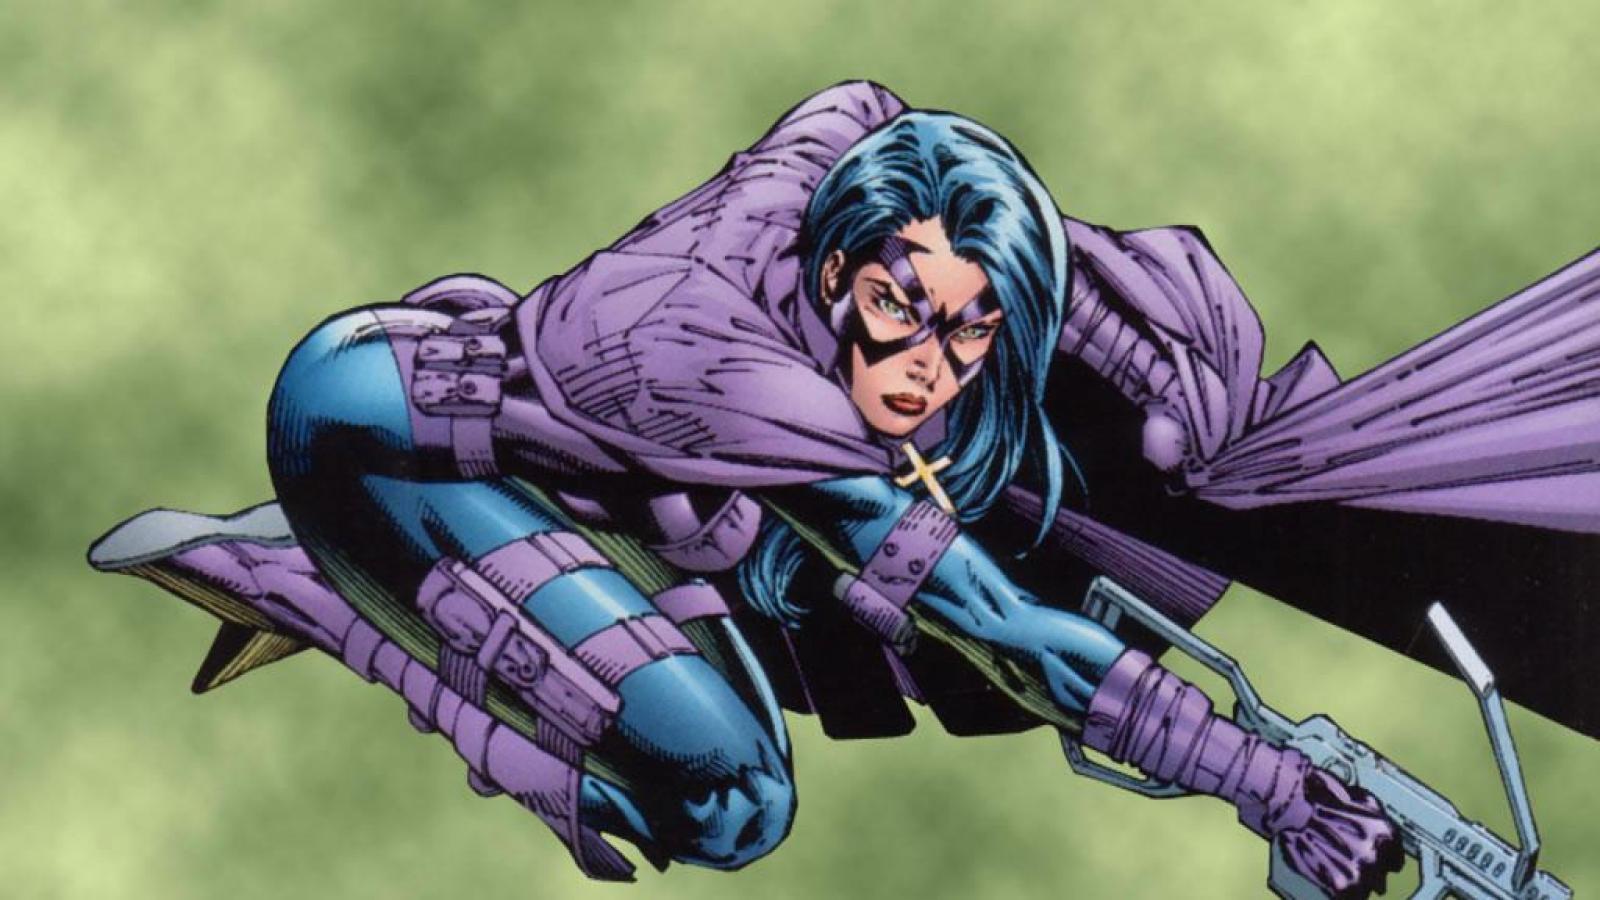 [43+] DC Comics Huntress Wallpaper on WallpaperSafari  Huntress